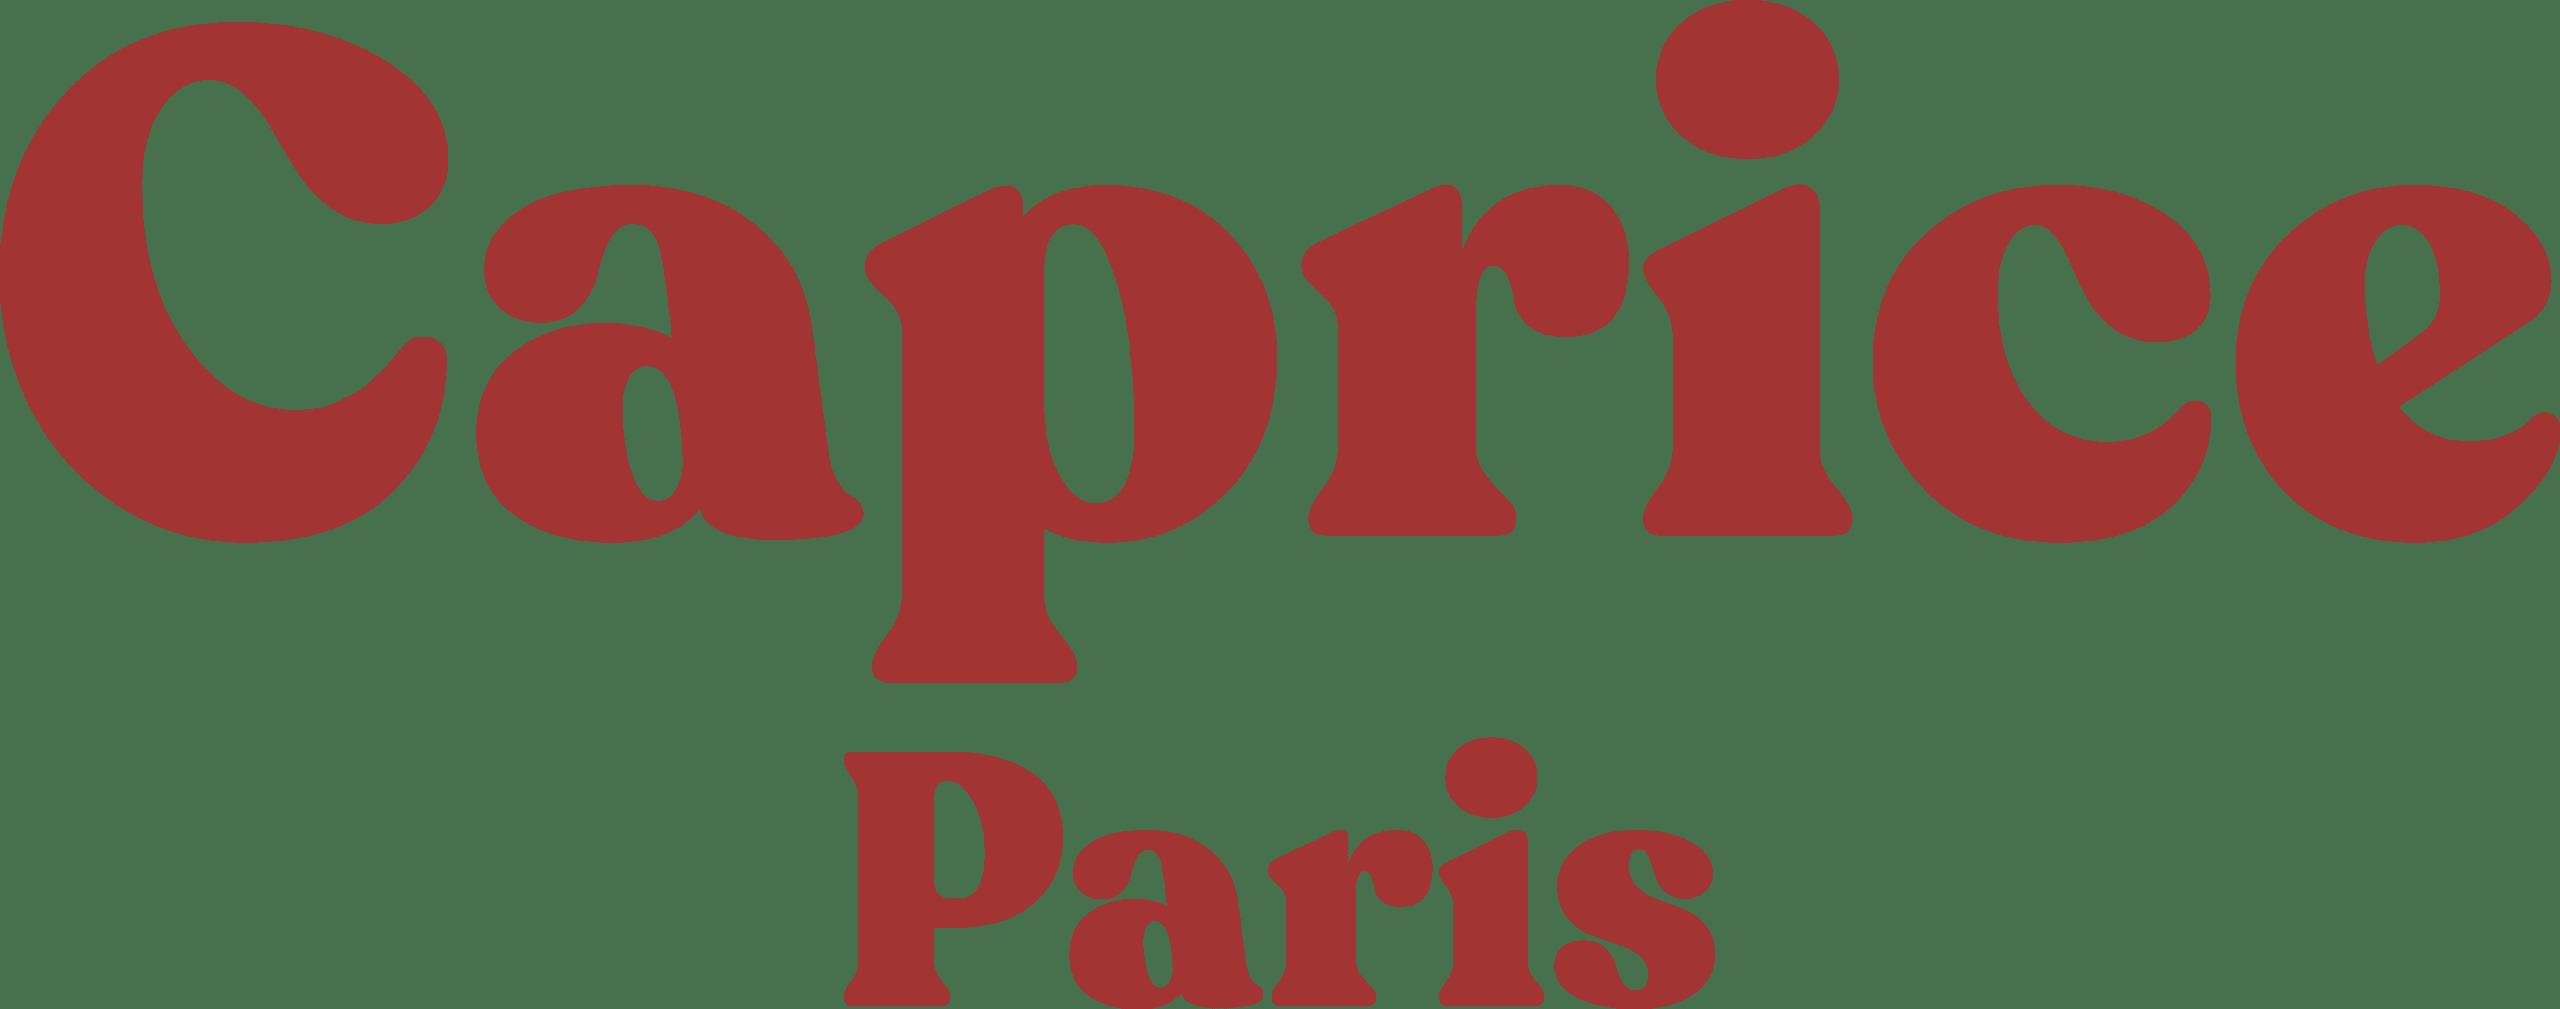 Caprice Paris